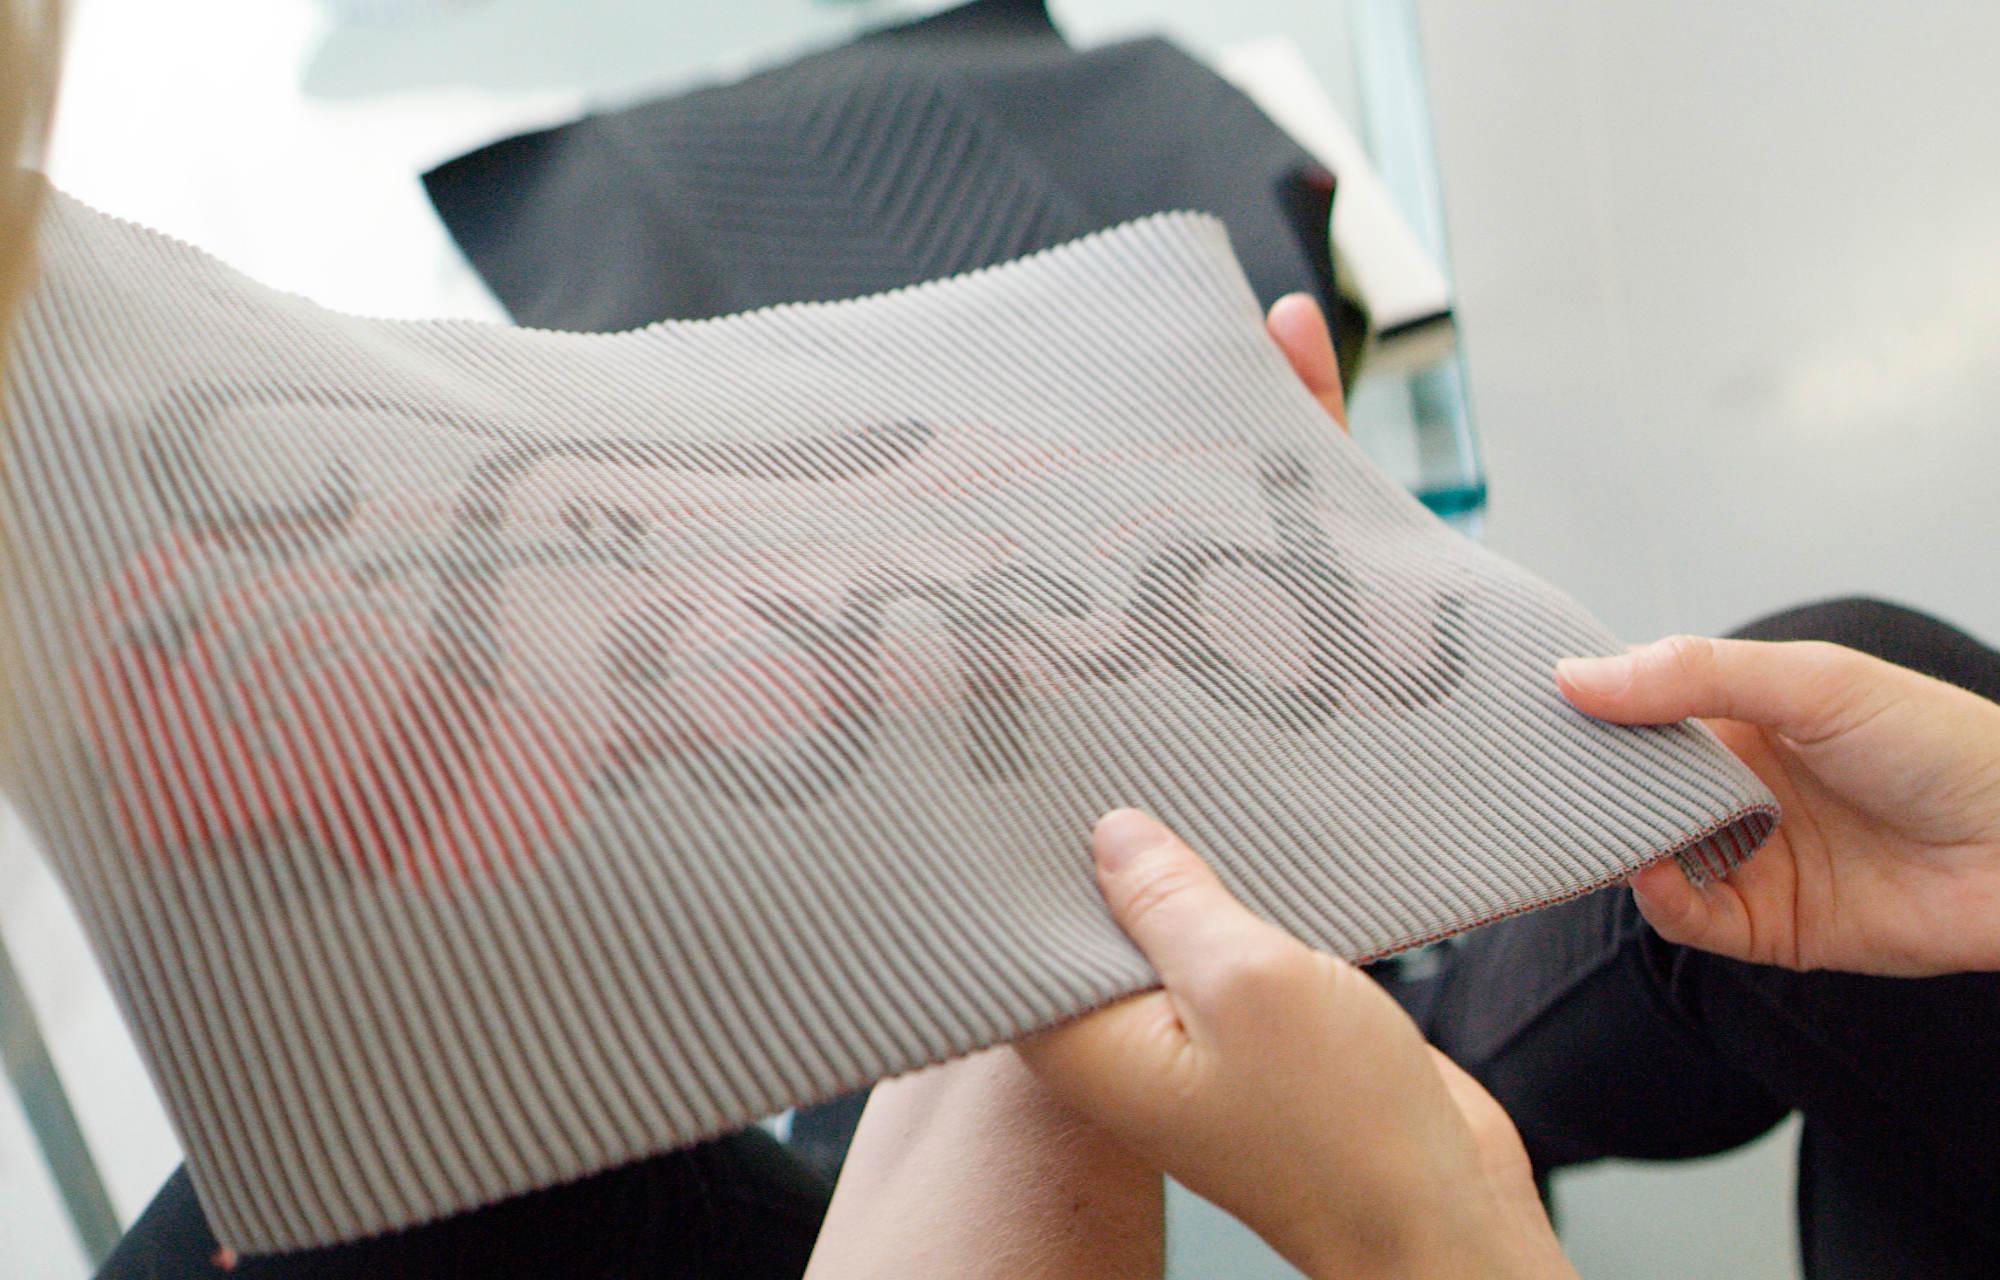 Grâce à l'impression en 3D tricotée, vos sièges de voiture pourront bientôt recharger vos smartphones